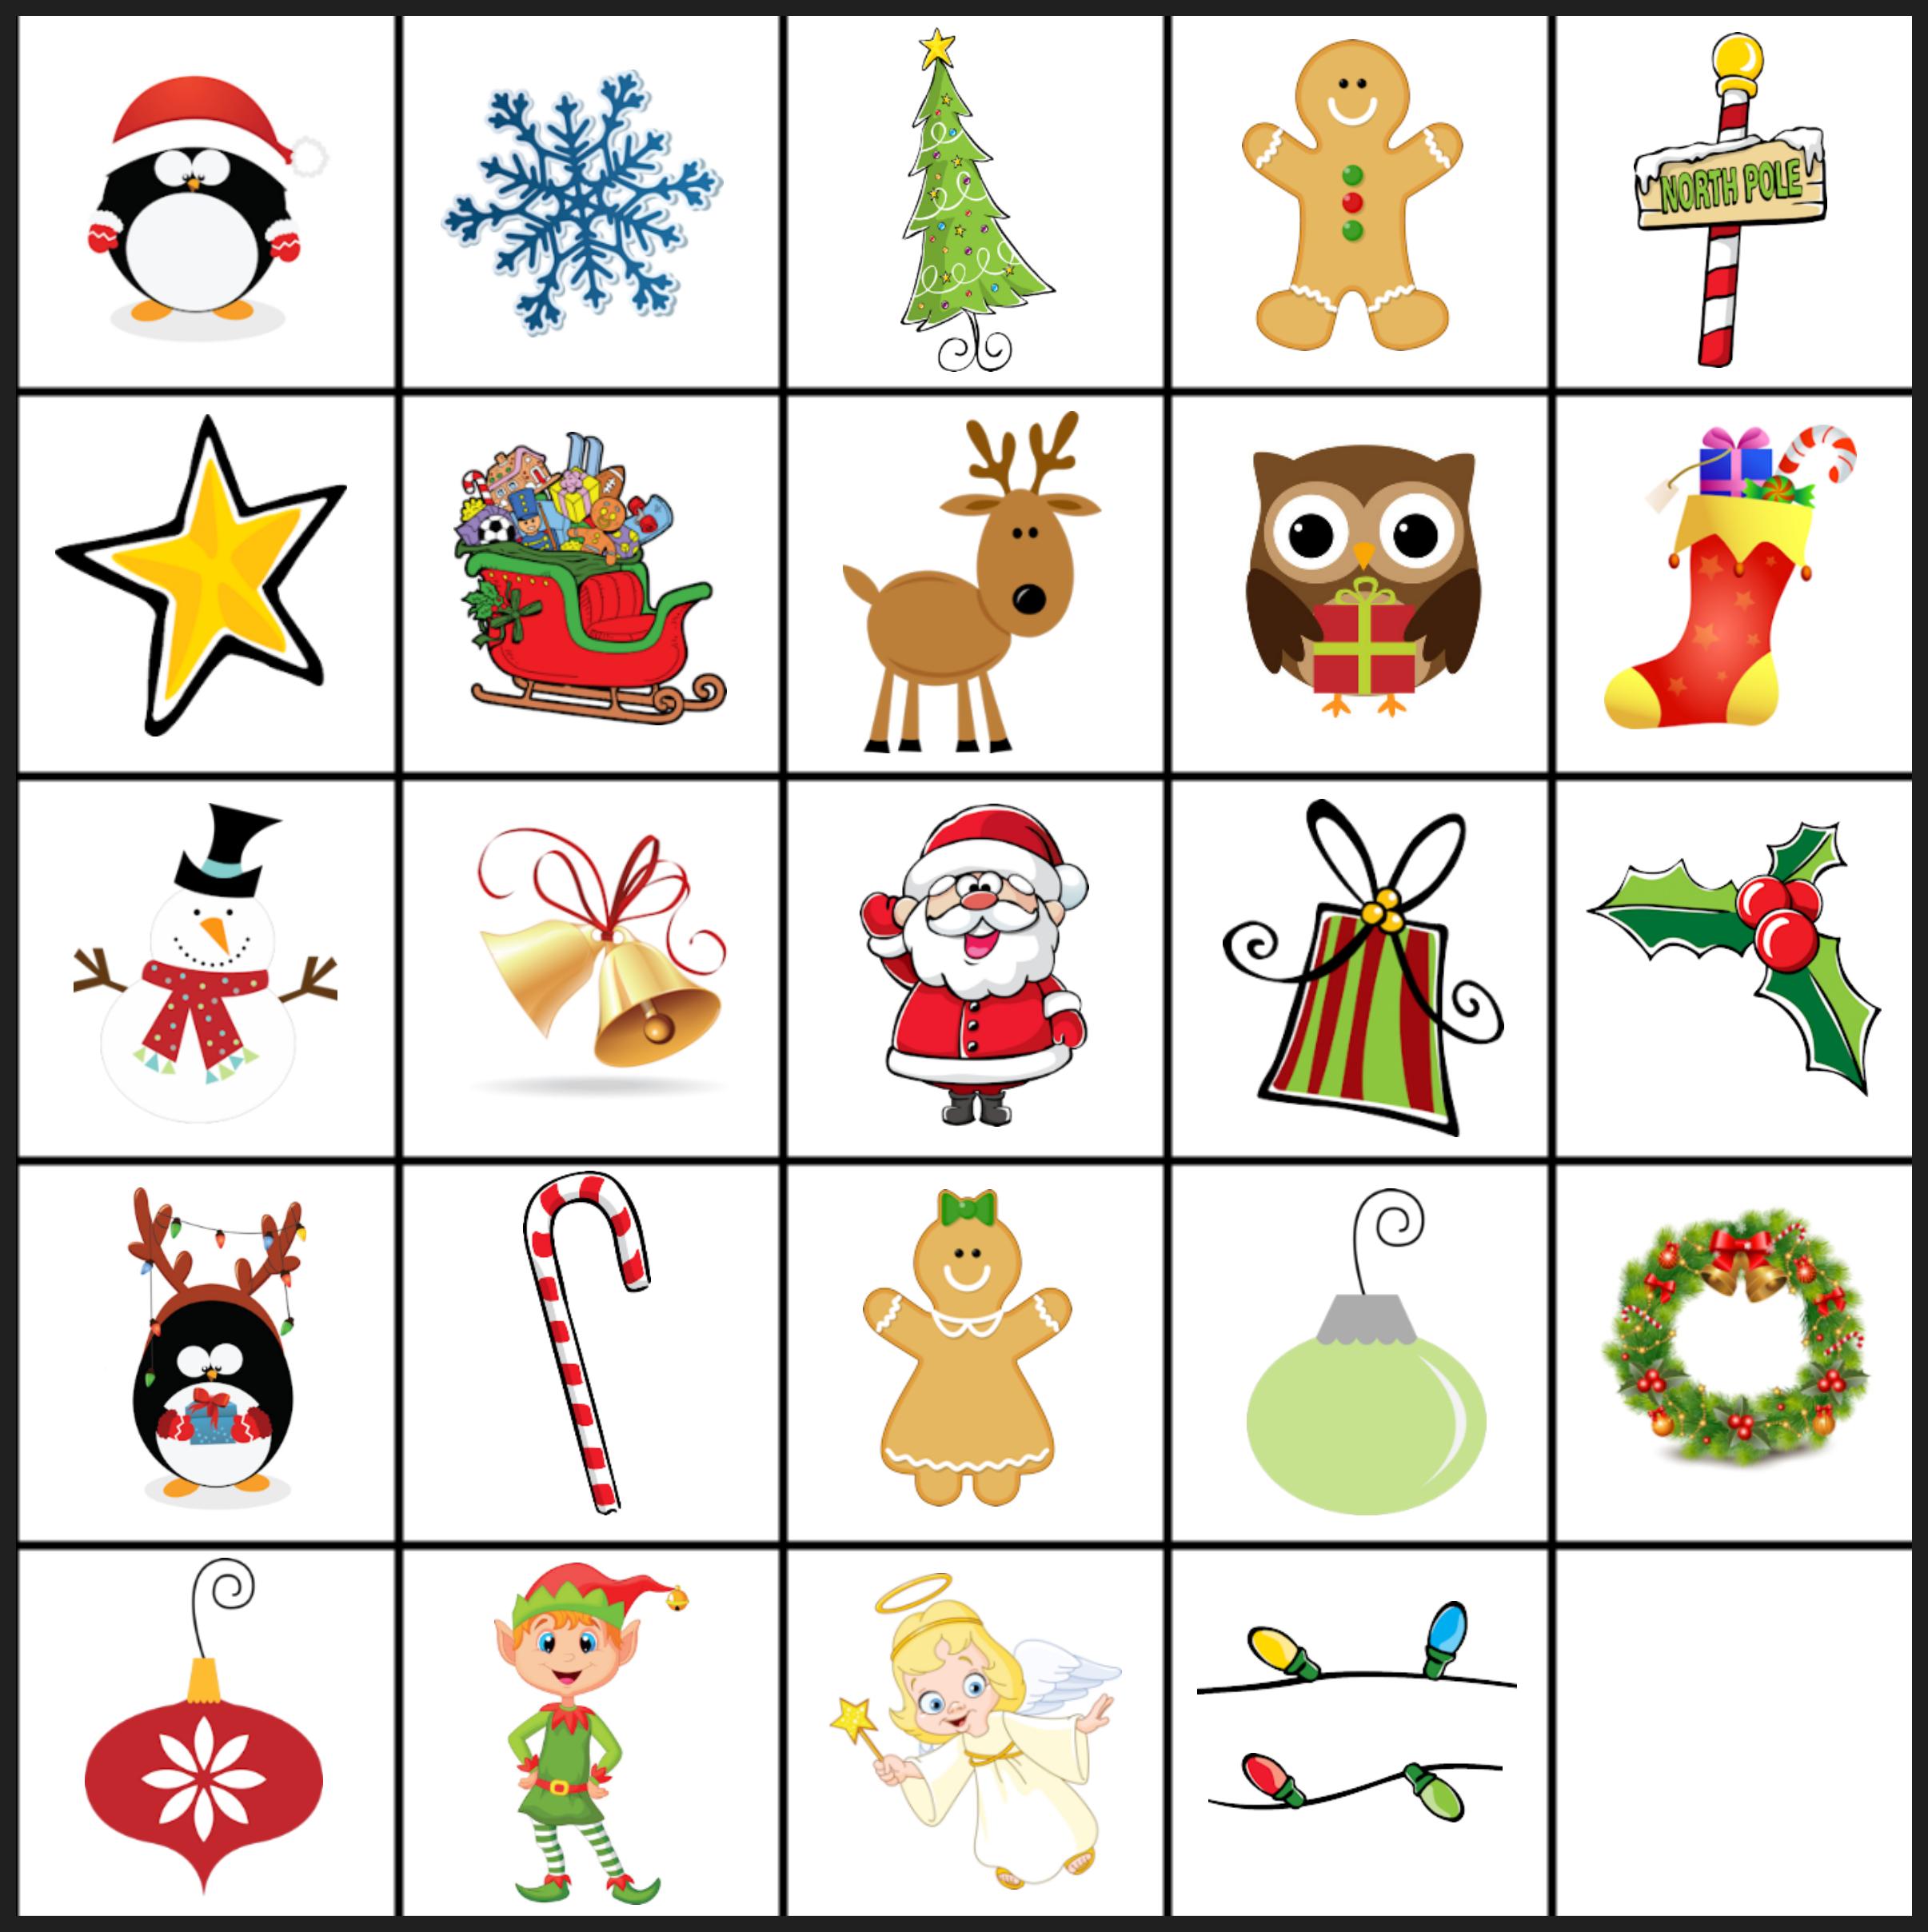 9 Images of Printable Christmas Memory Game